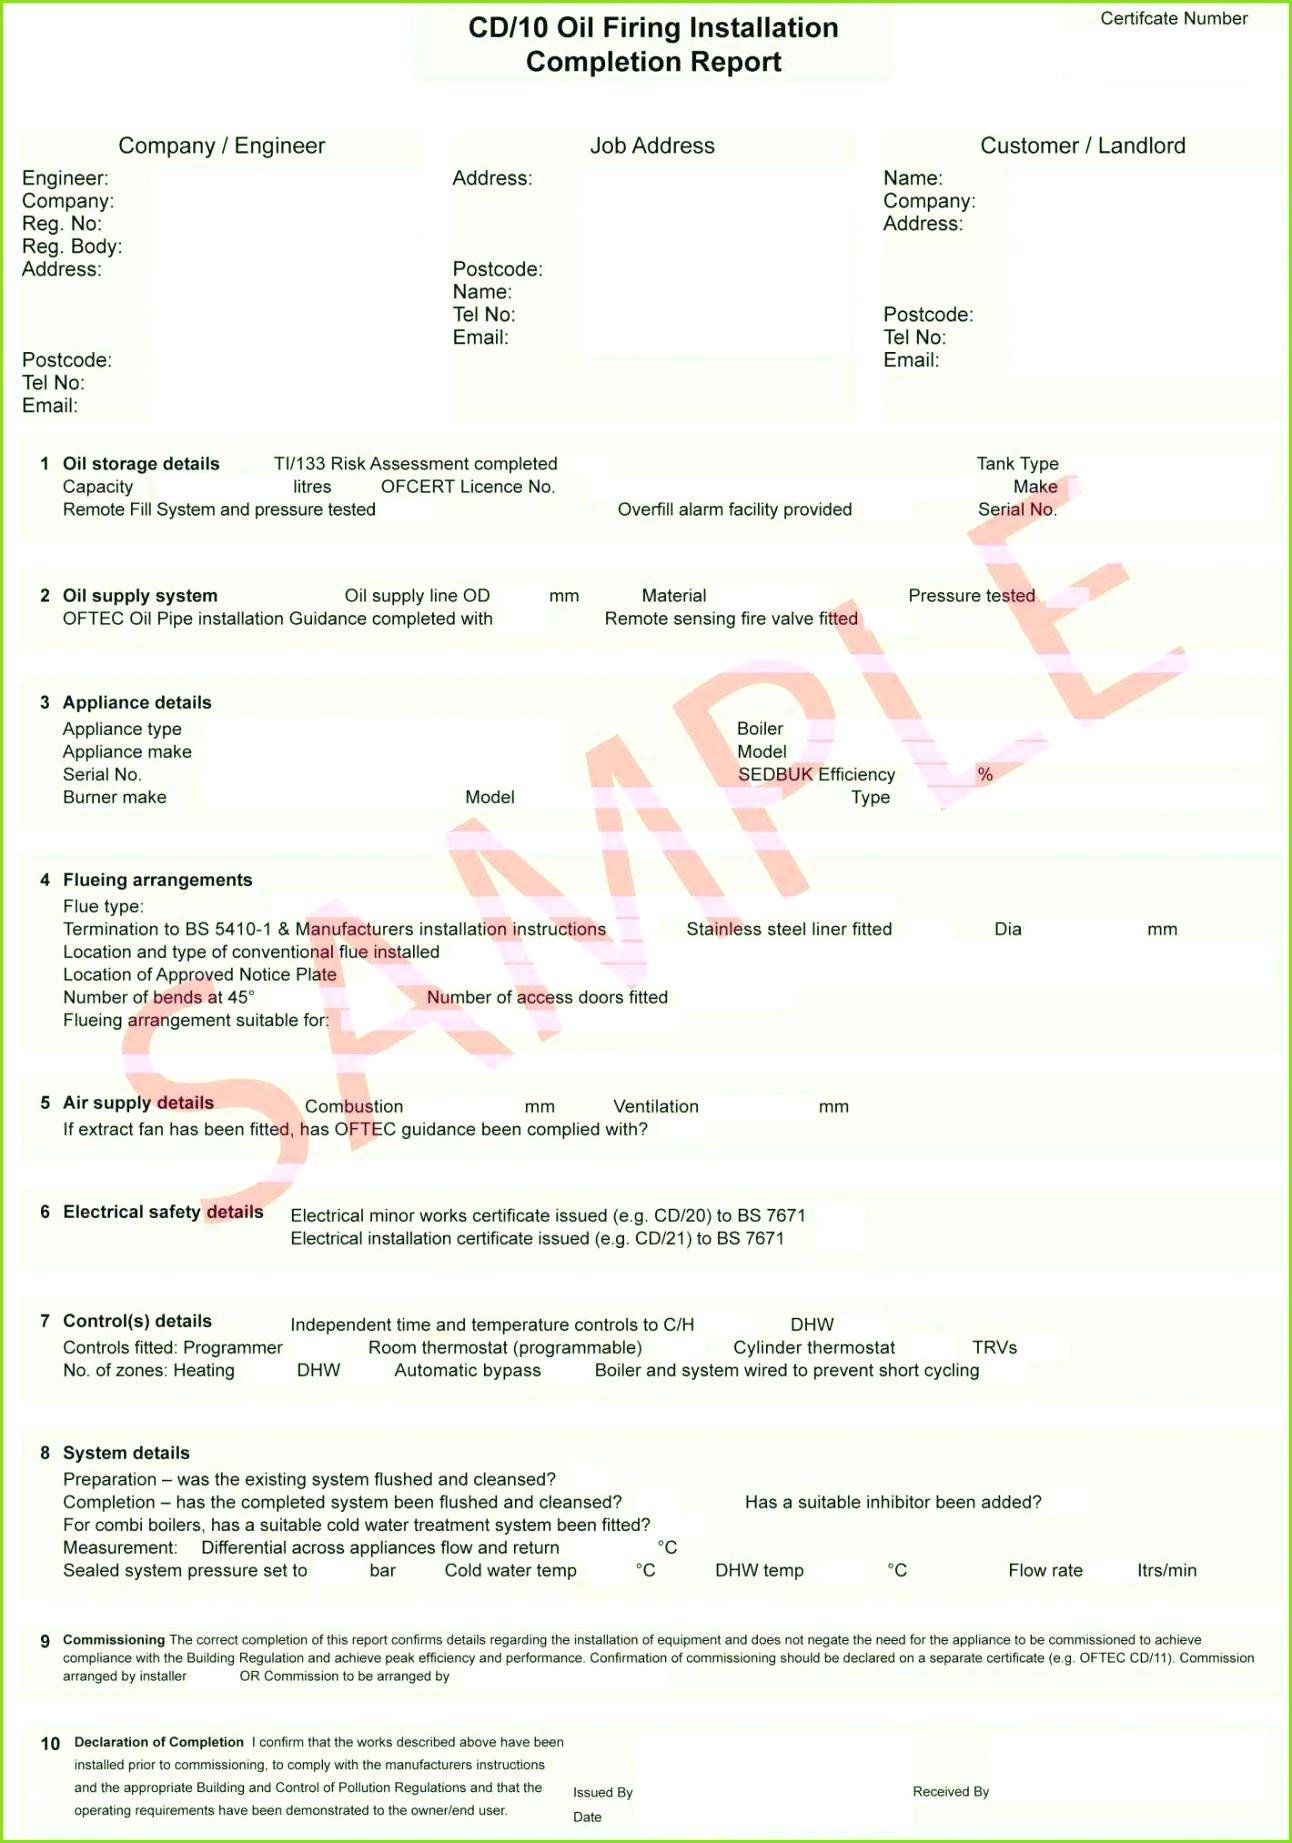 Formlose Gewinnermittlung Kleinunternehmer Vorlage Elegant 70 Süß Einnahmen Ausgaben Excel Vorlage Kleinunternehmer Wunderschönen Excel Vorlage Rechnung